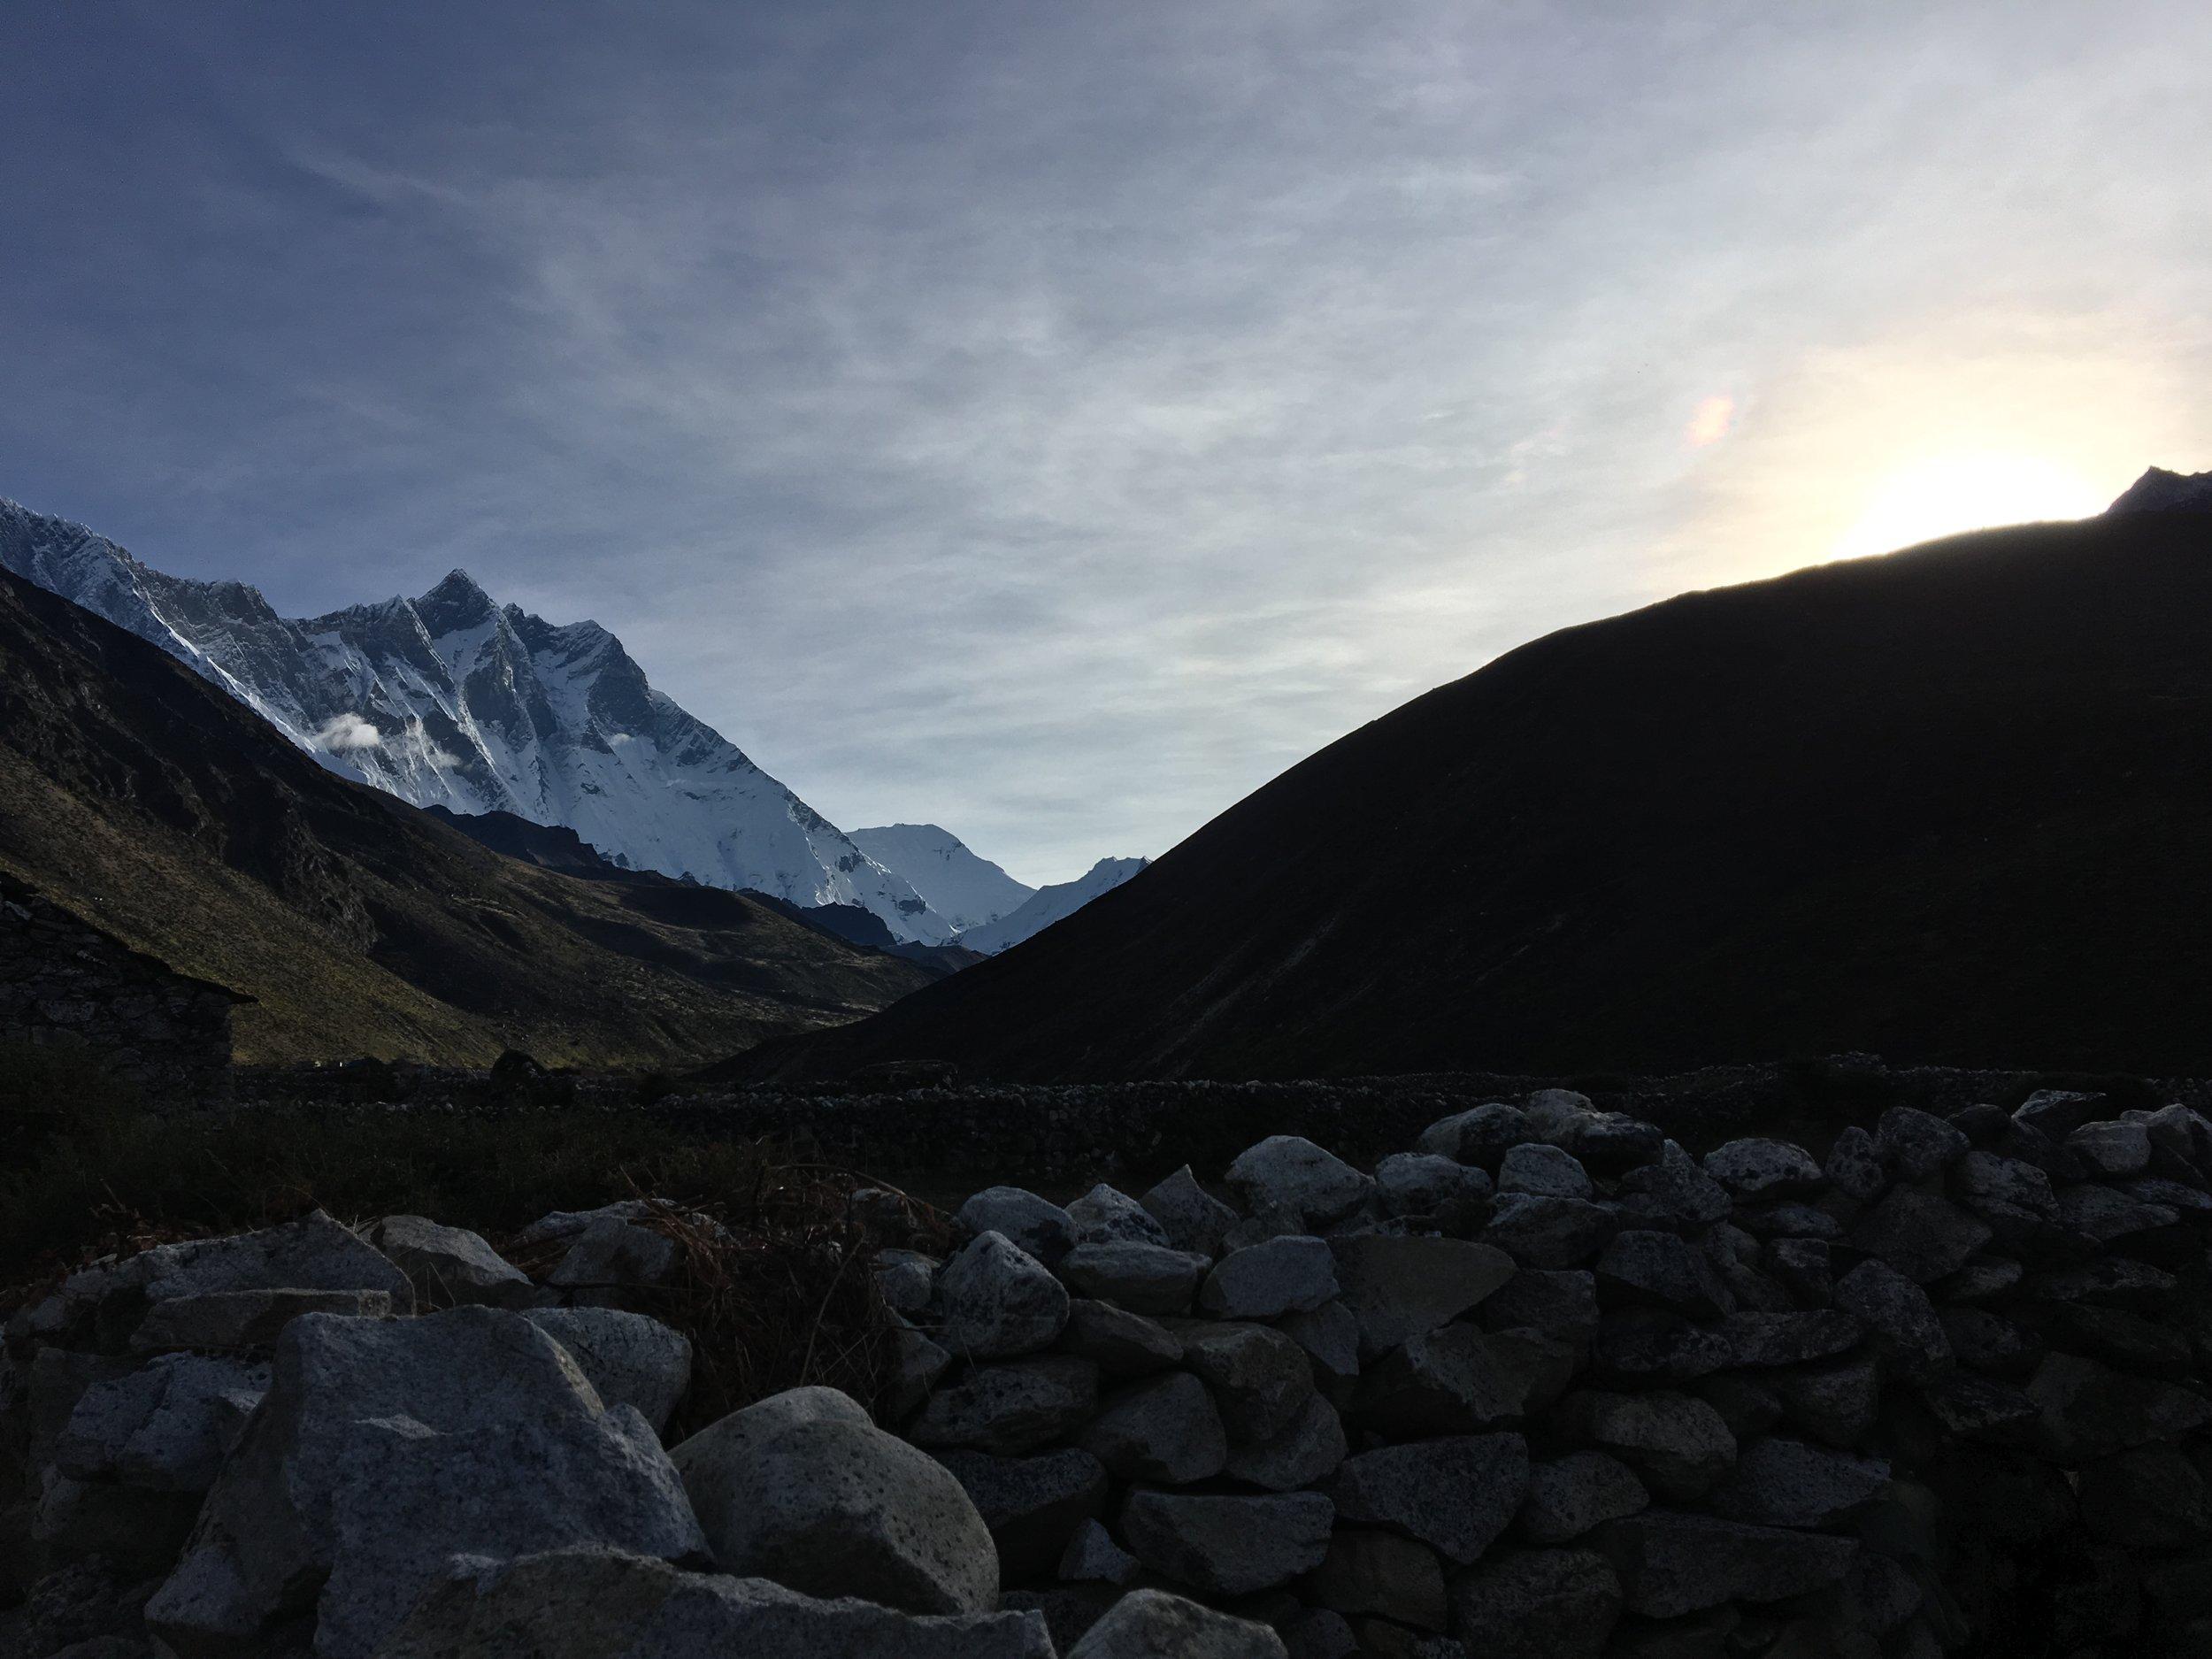 Early Morning - Himalayas (2017)